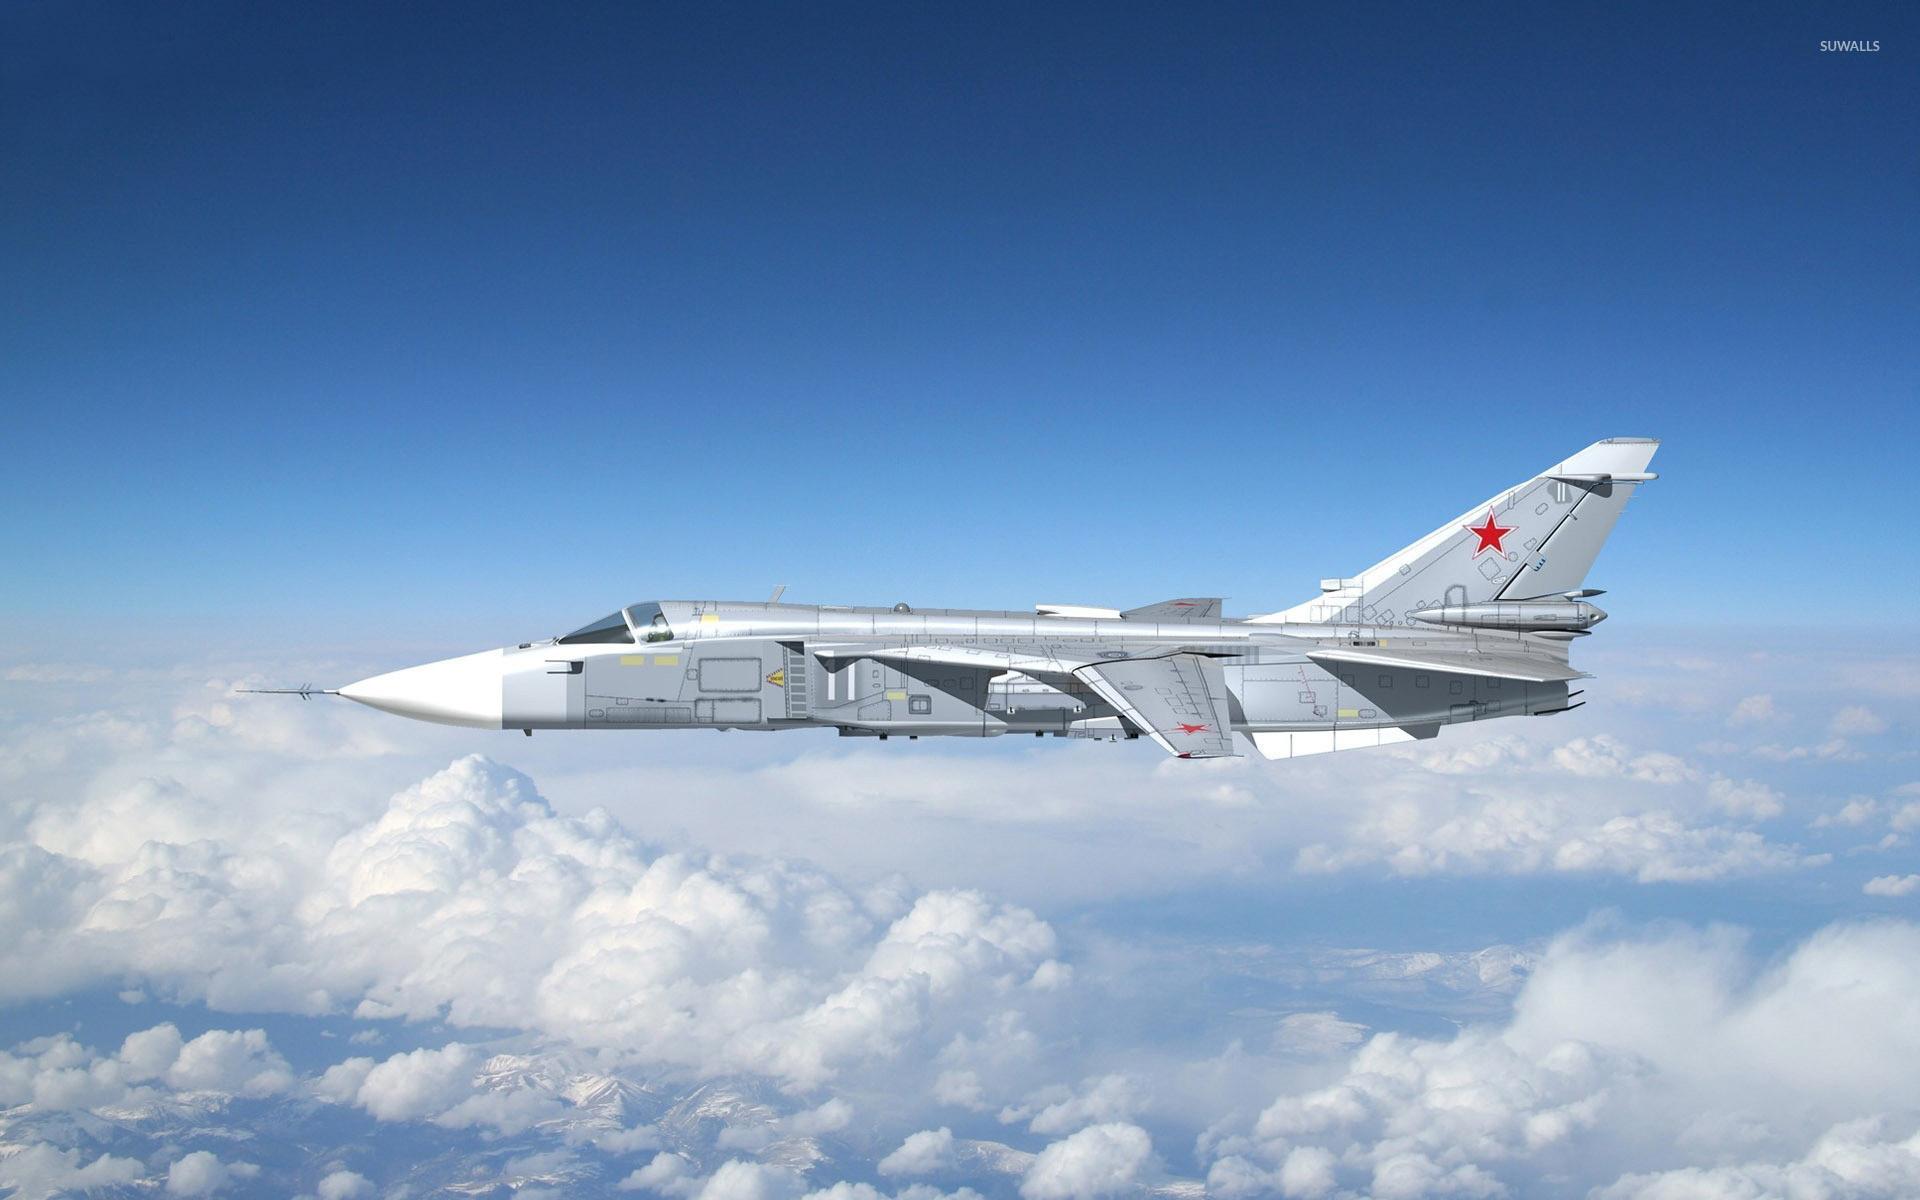 Sukhoi Su-24 wallpaper - Aircraft wallpapers - #7959